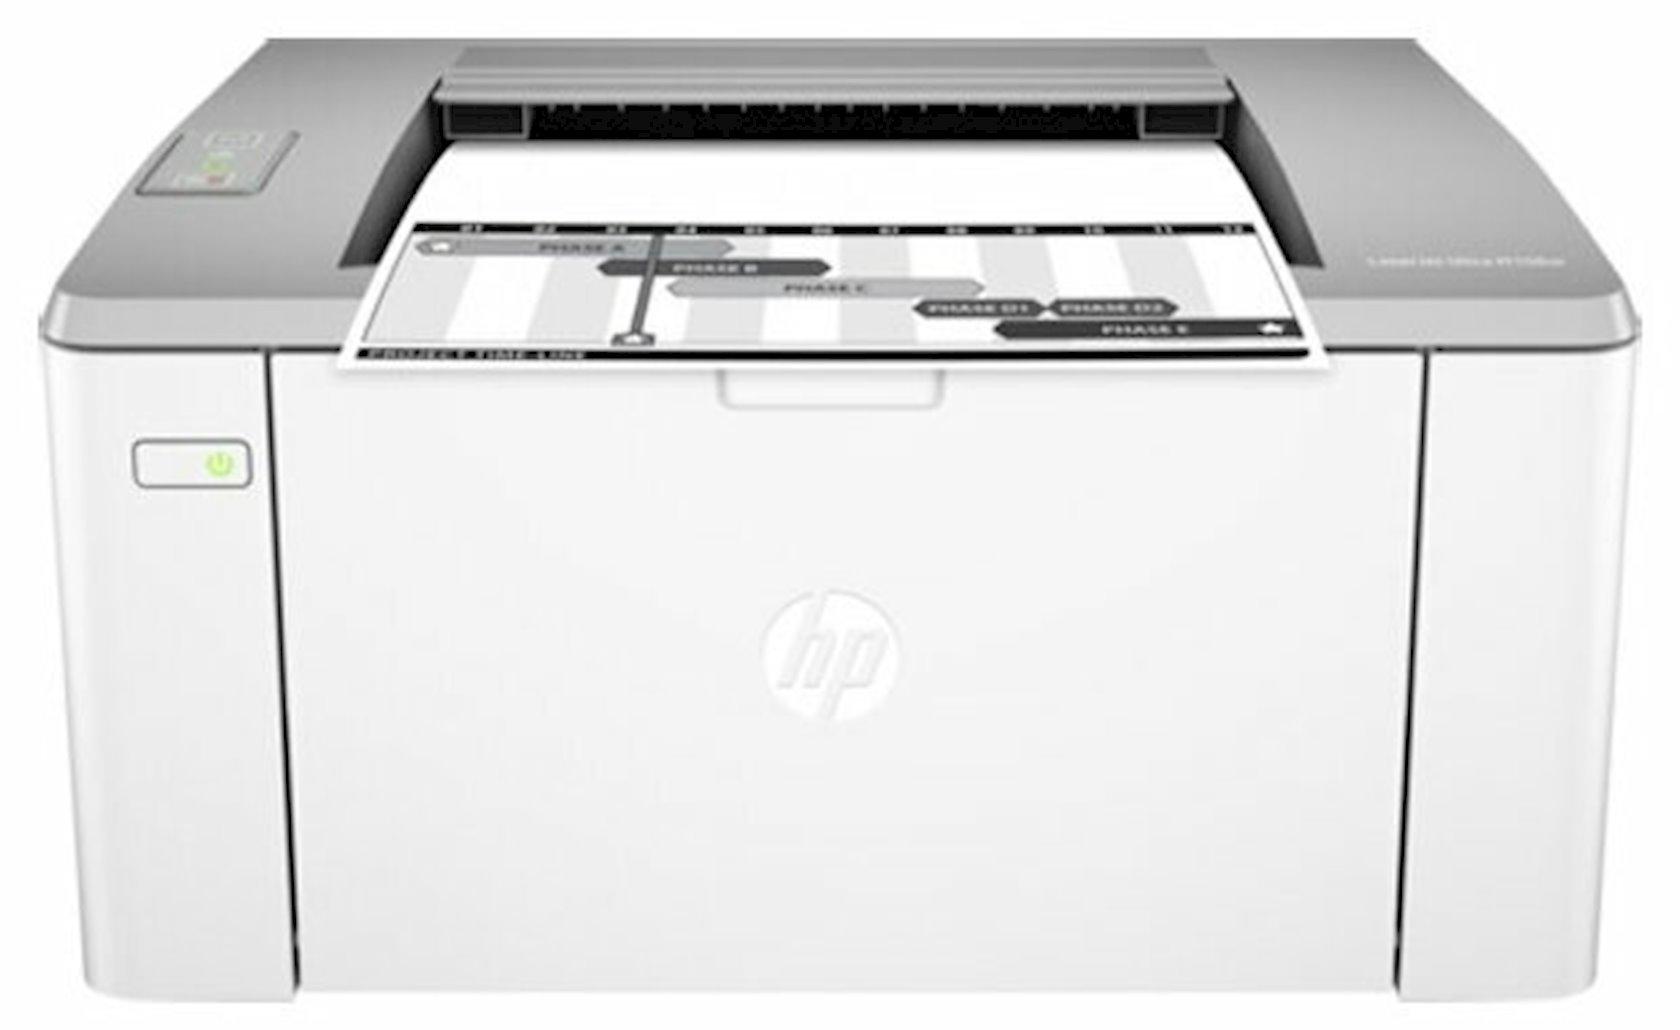 Printer HP LaserJet Ultra M106w (G3Q39A)